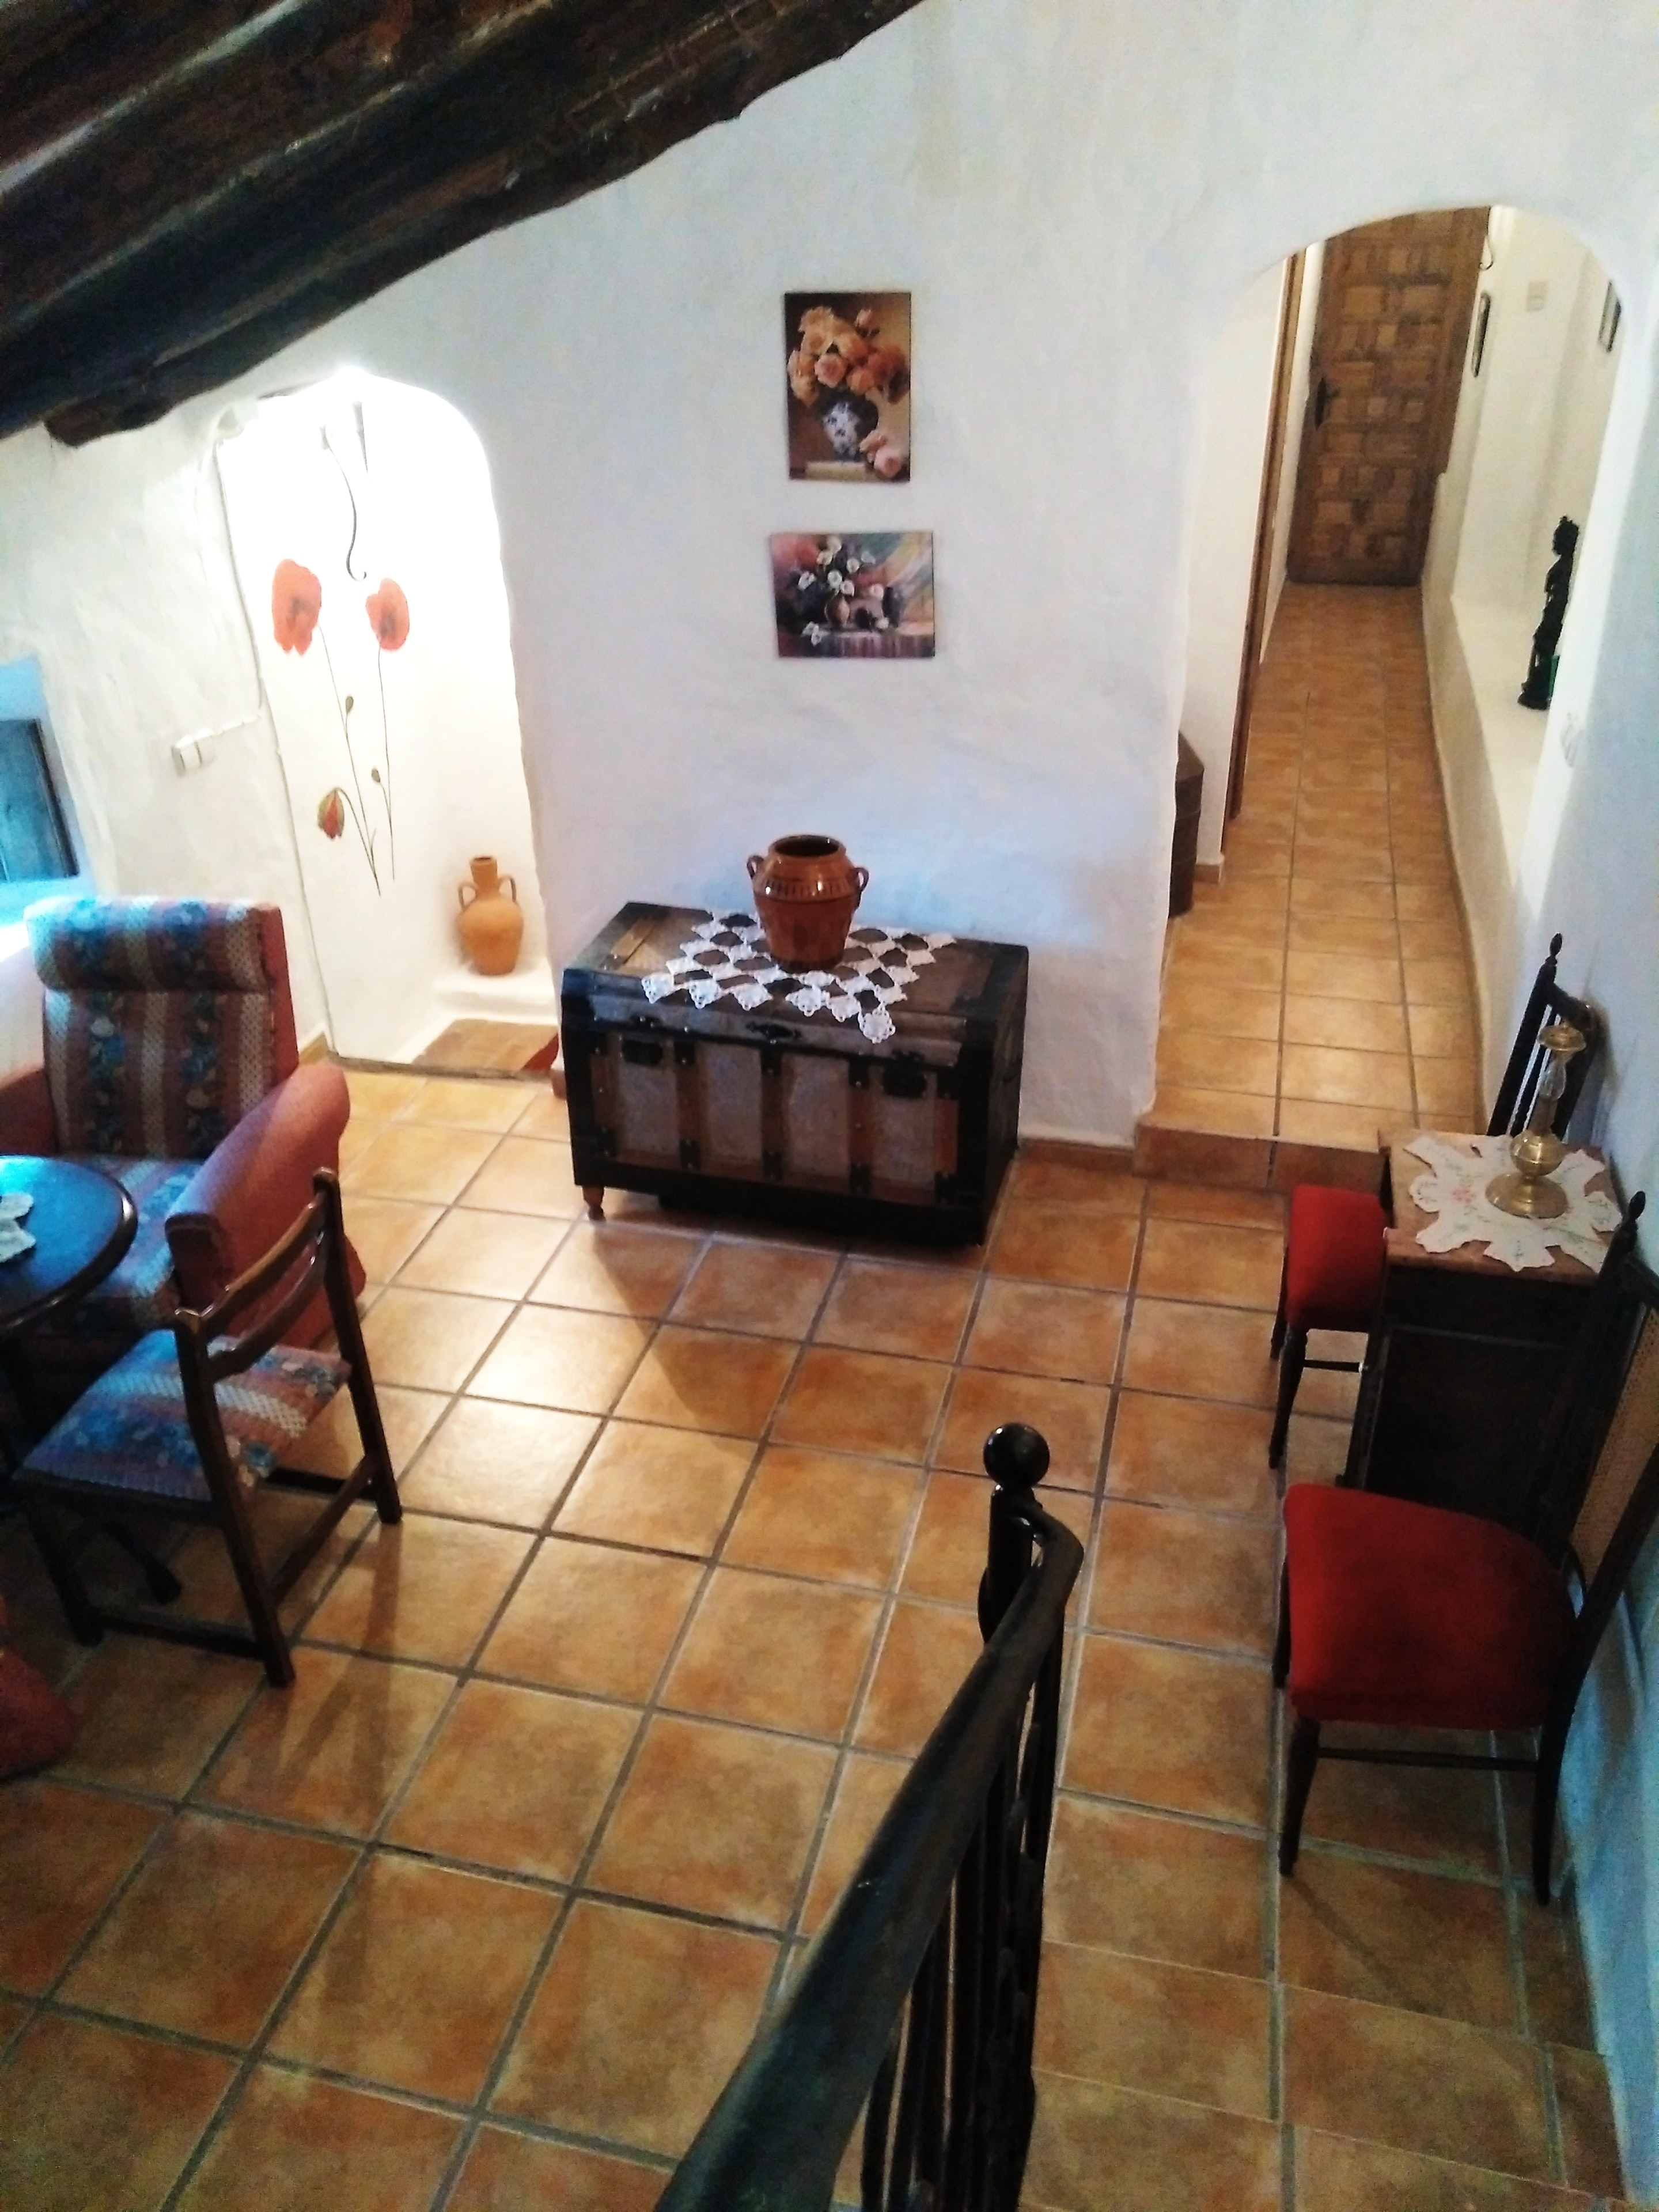 Ferienhaus Haus mit 5 Schlafzimmern in Casas del Cerro mit toller Aussicht auf die Berge und möbliert (2201517), Casas del Cerro, Albacete, Kastilien-La Mancha, Spanien, Bild 9